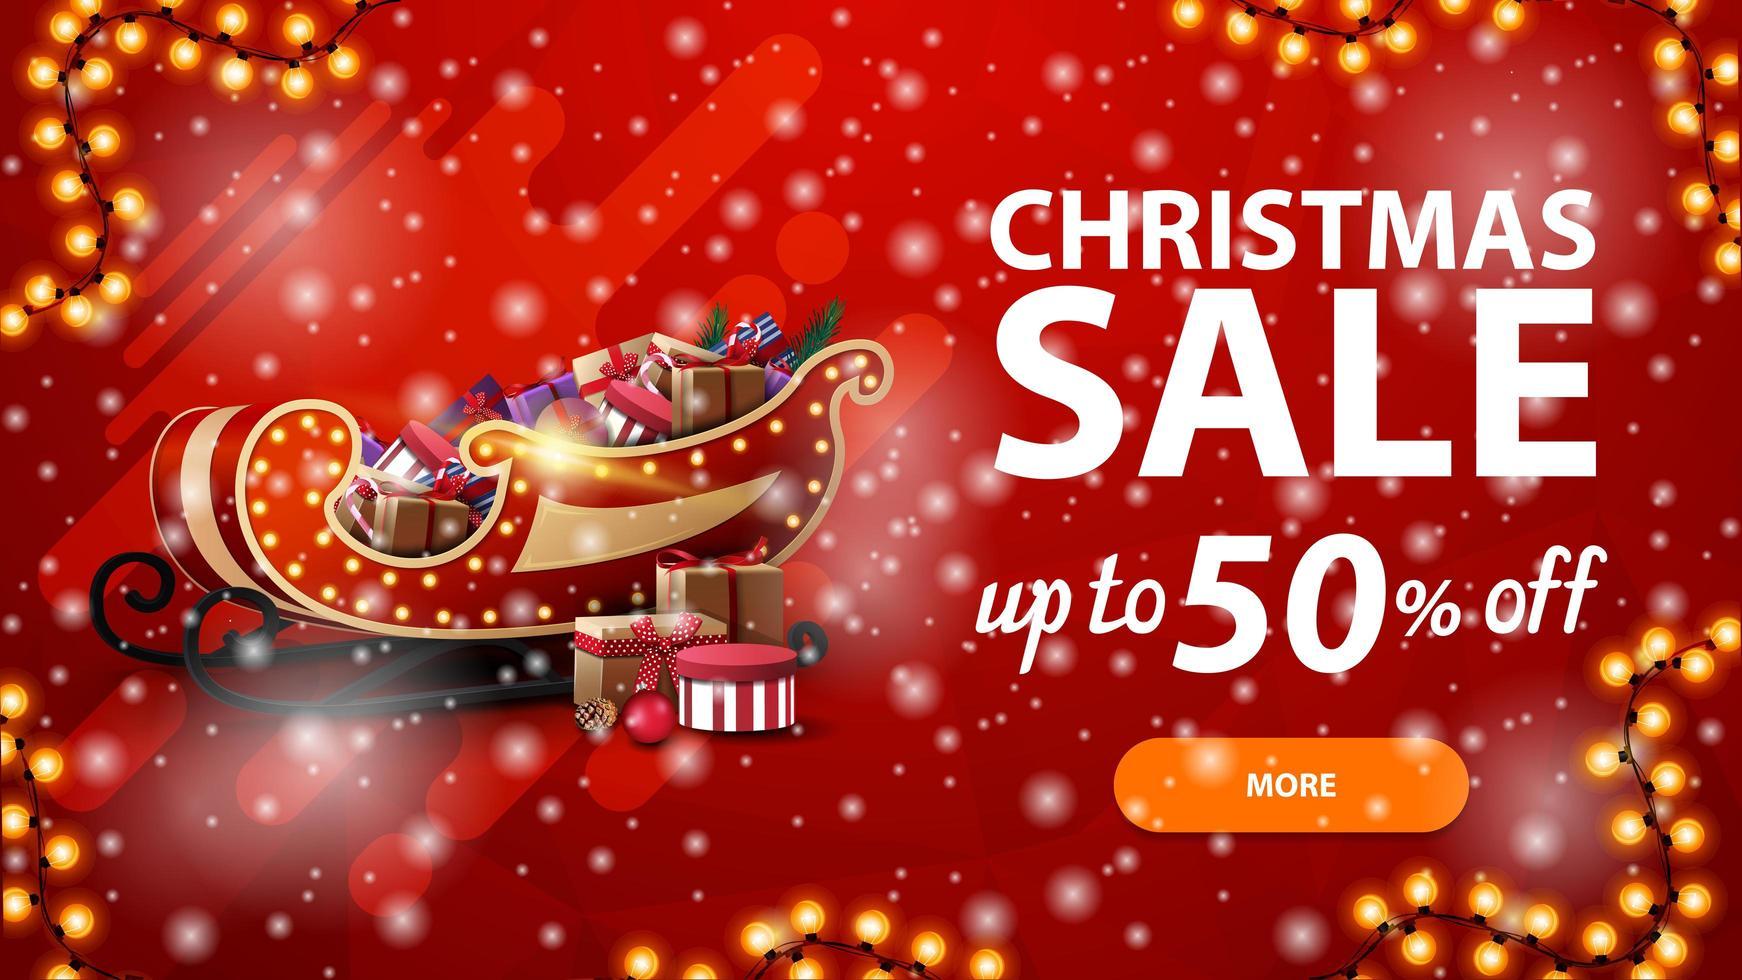 venta de navidad, hasta 50 de descuento, banner de descuento rojo con guirnalda, nevadas y trineo de santa con regalos vector